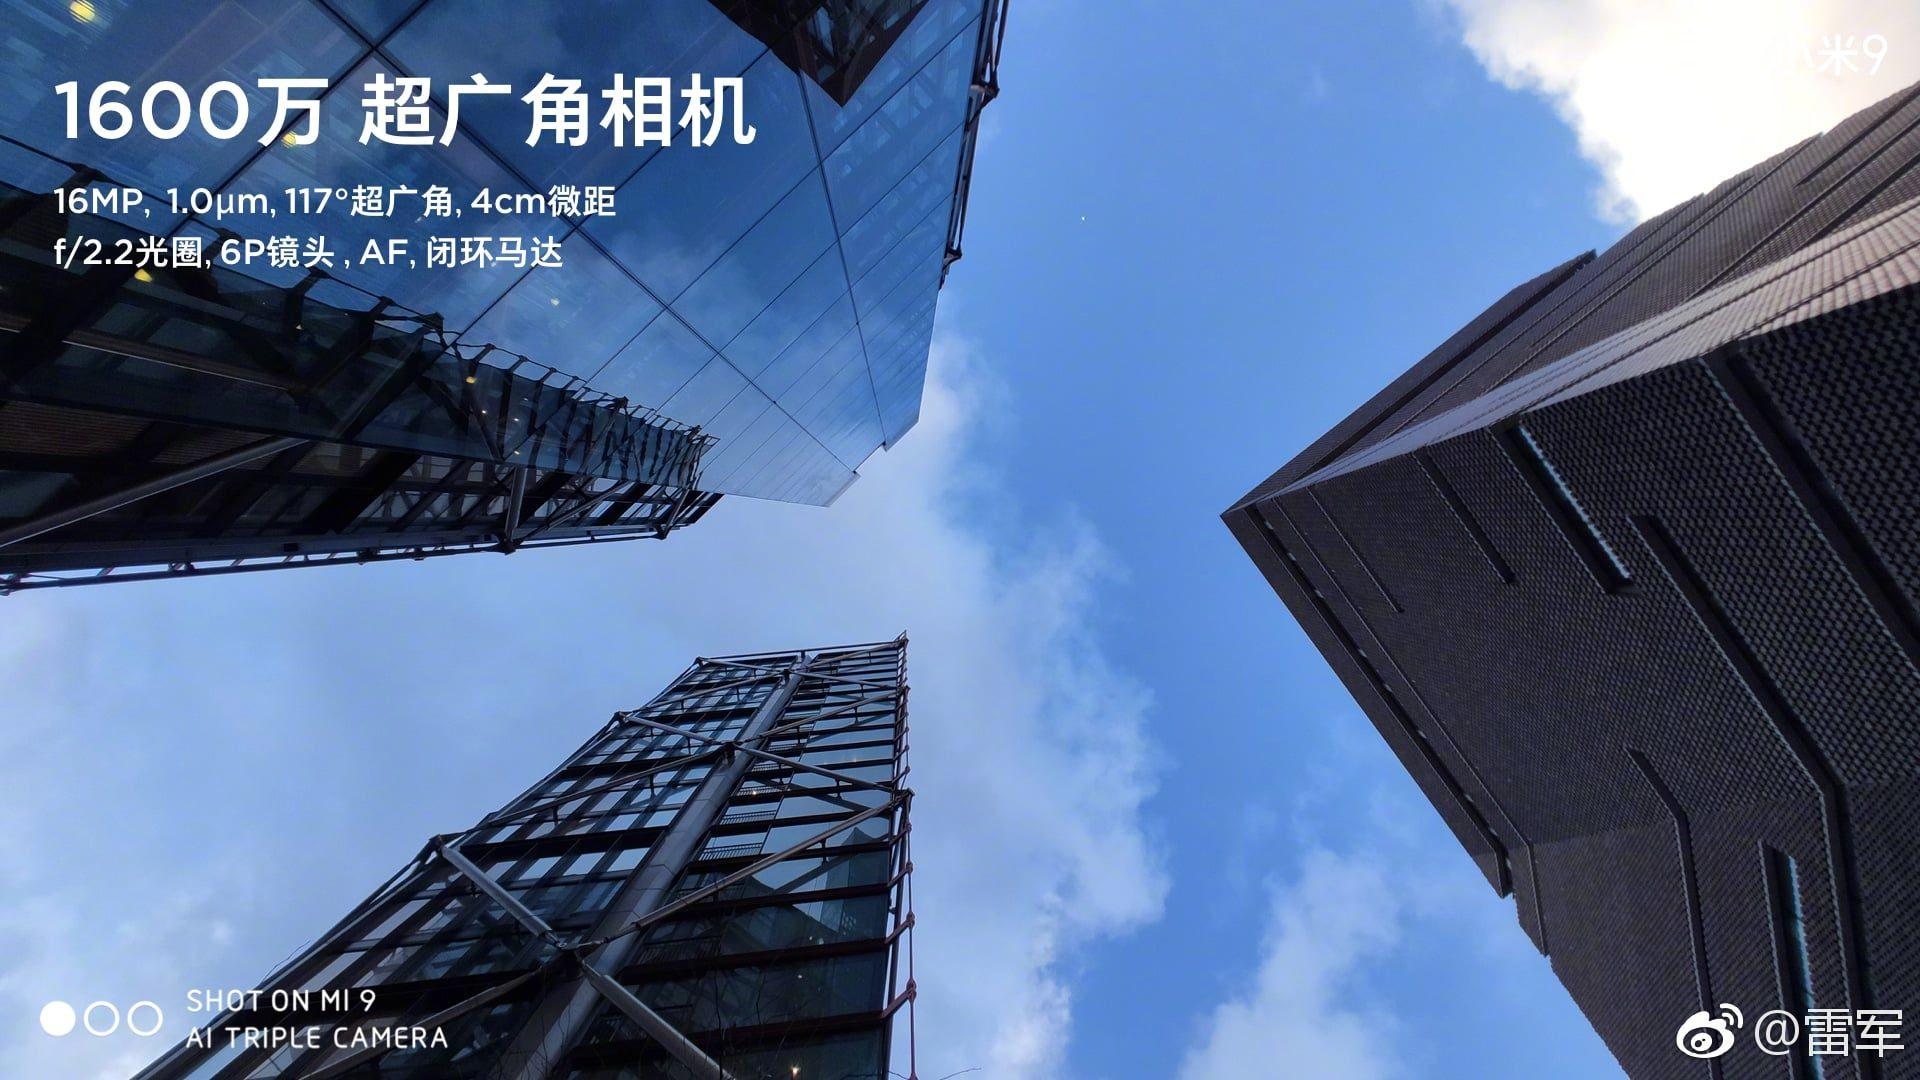 Xiaomi Mi 9: 18 Hintergründe zum Download 5 morethanandroid.de Xiaomi Mi 9: 18 Hintergründe zum Download